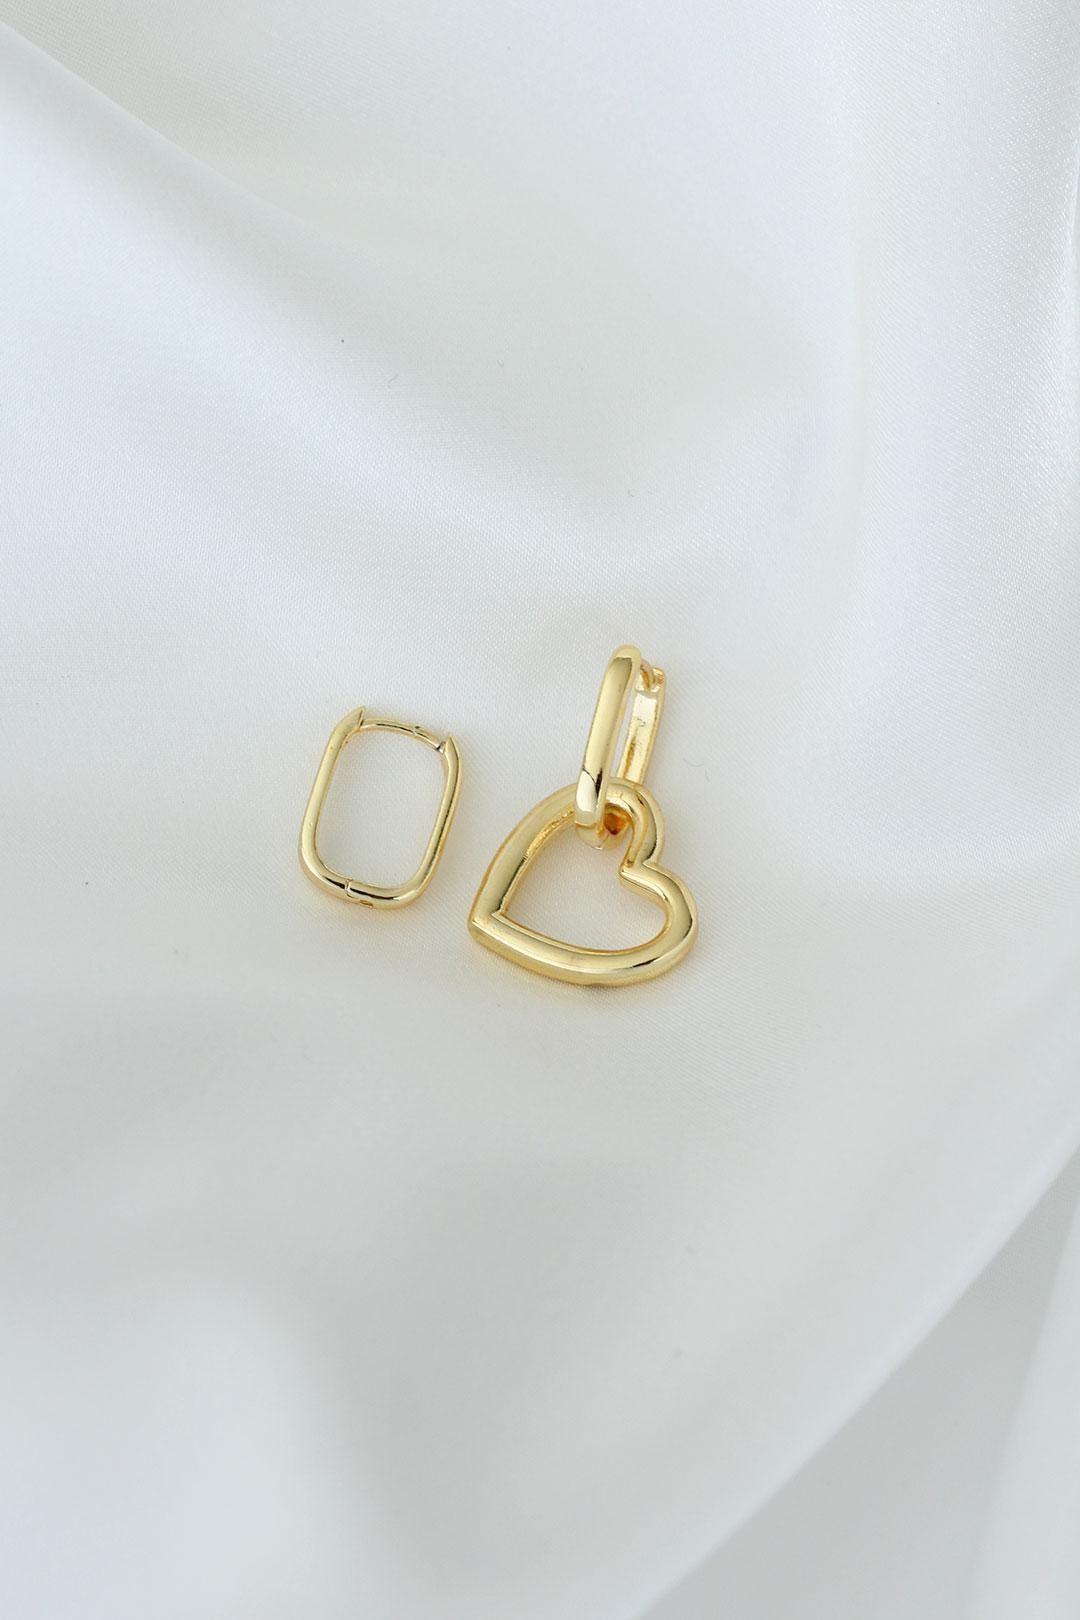 Kalp Model Altın Renk Metal Kadın Küpe